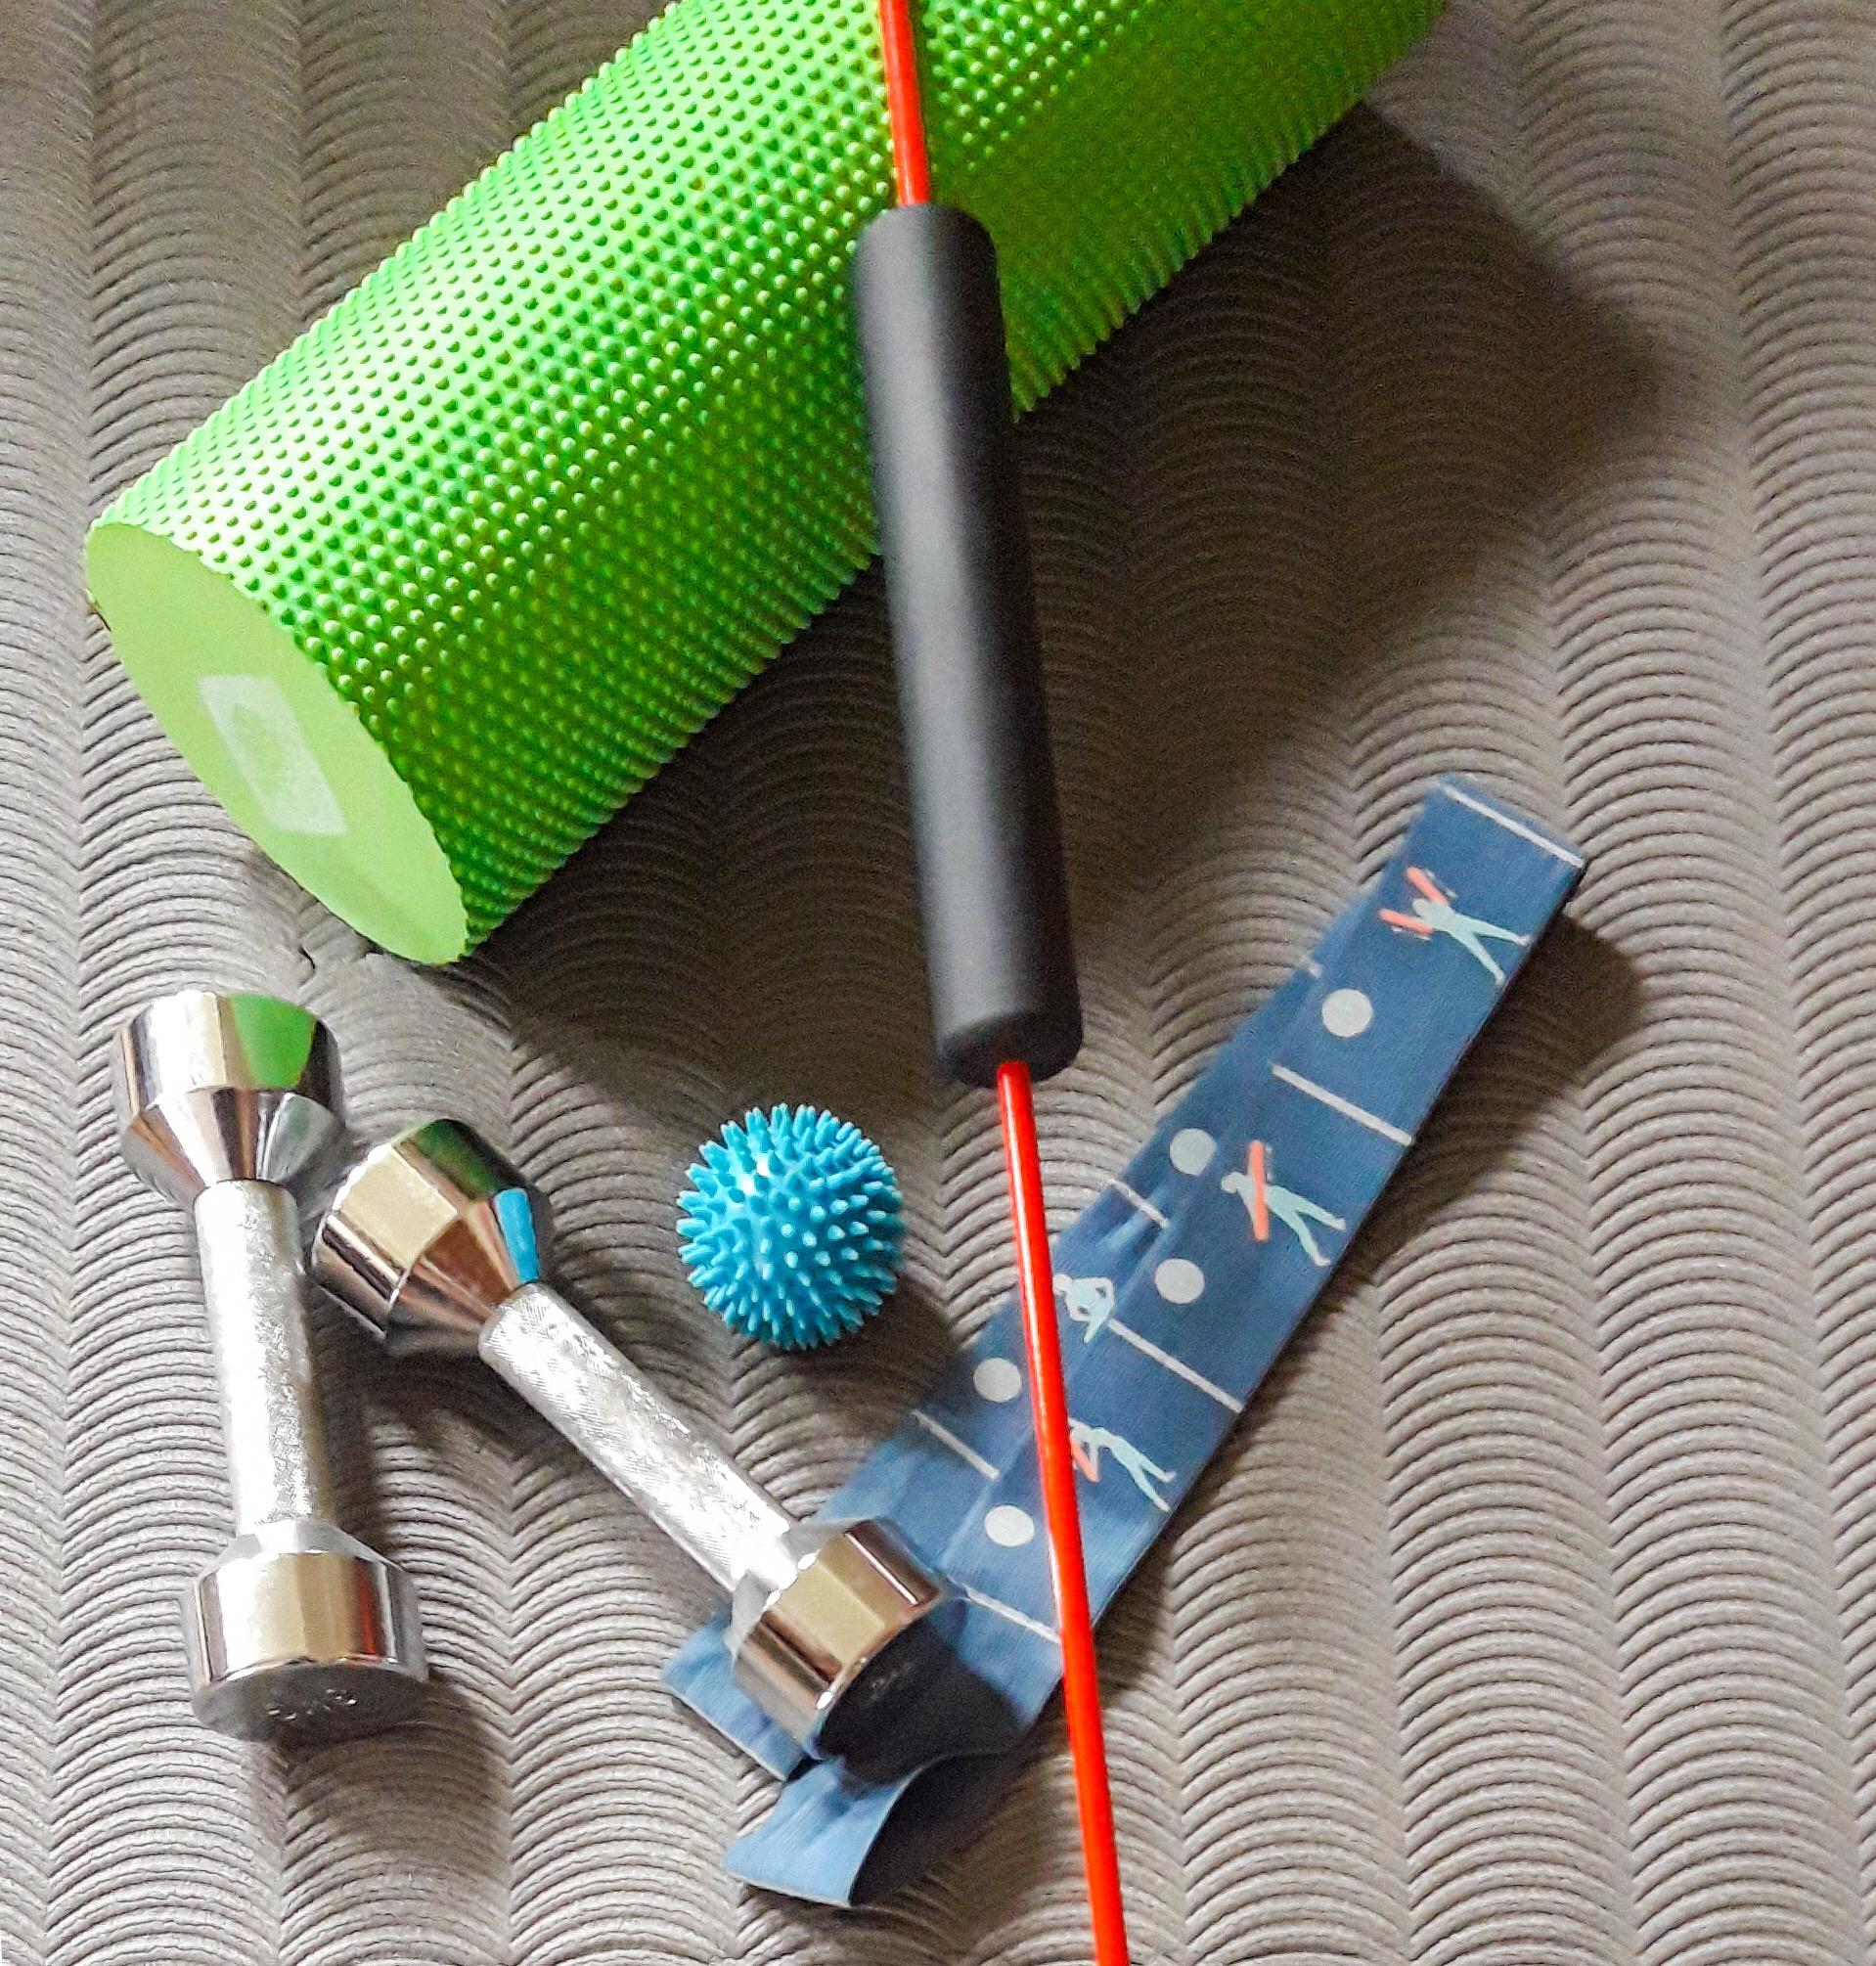 Diverse Fitnessgegenstände wie Hanteln, Schwingstab, Faszienrolle, Stretchbänder und Igelball